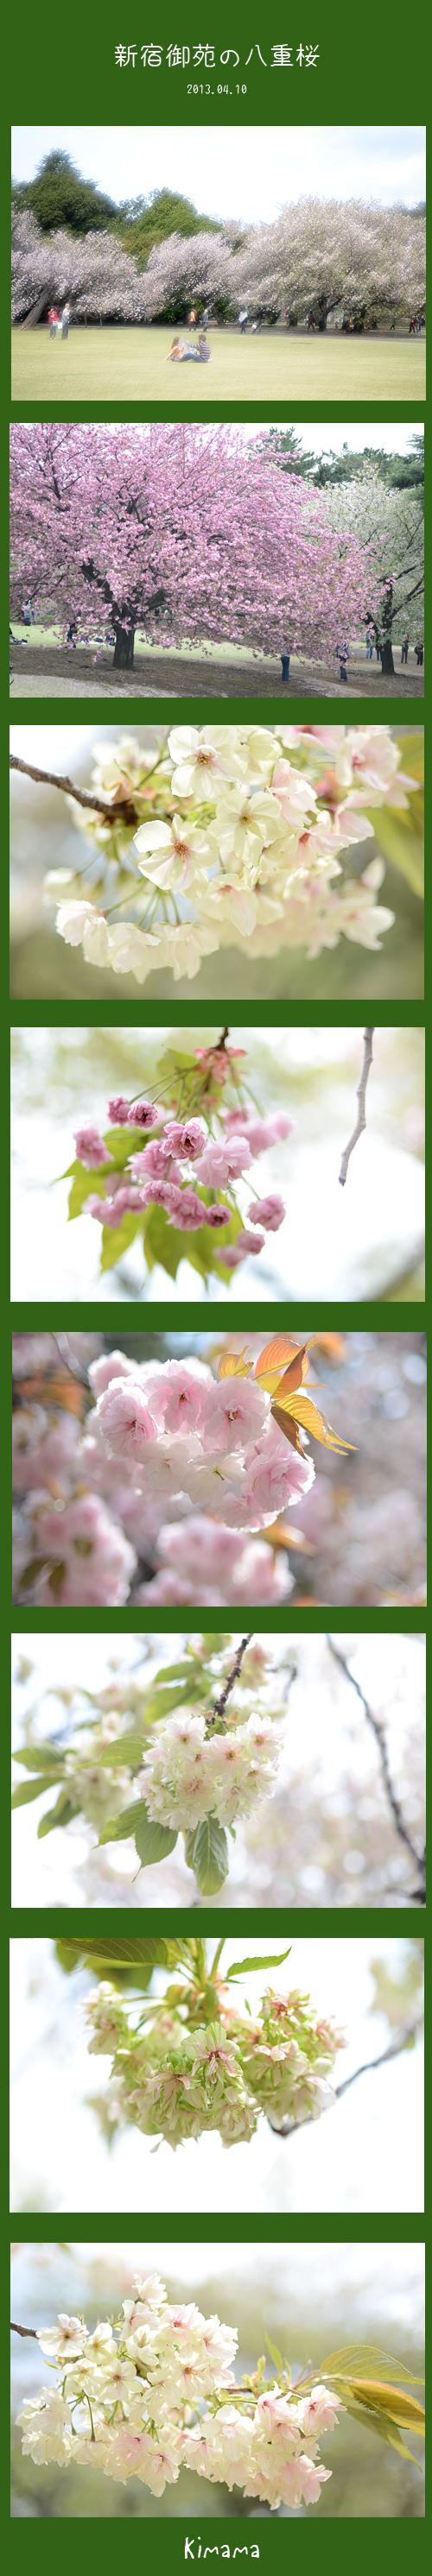 4月10日八重桜1